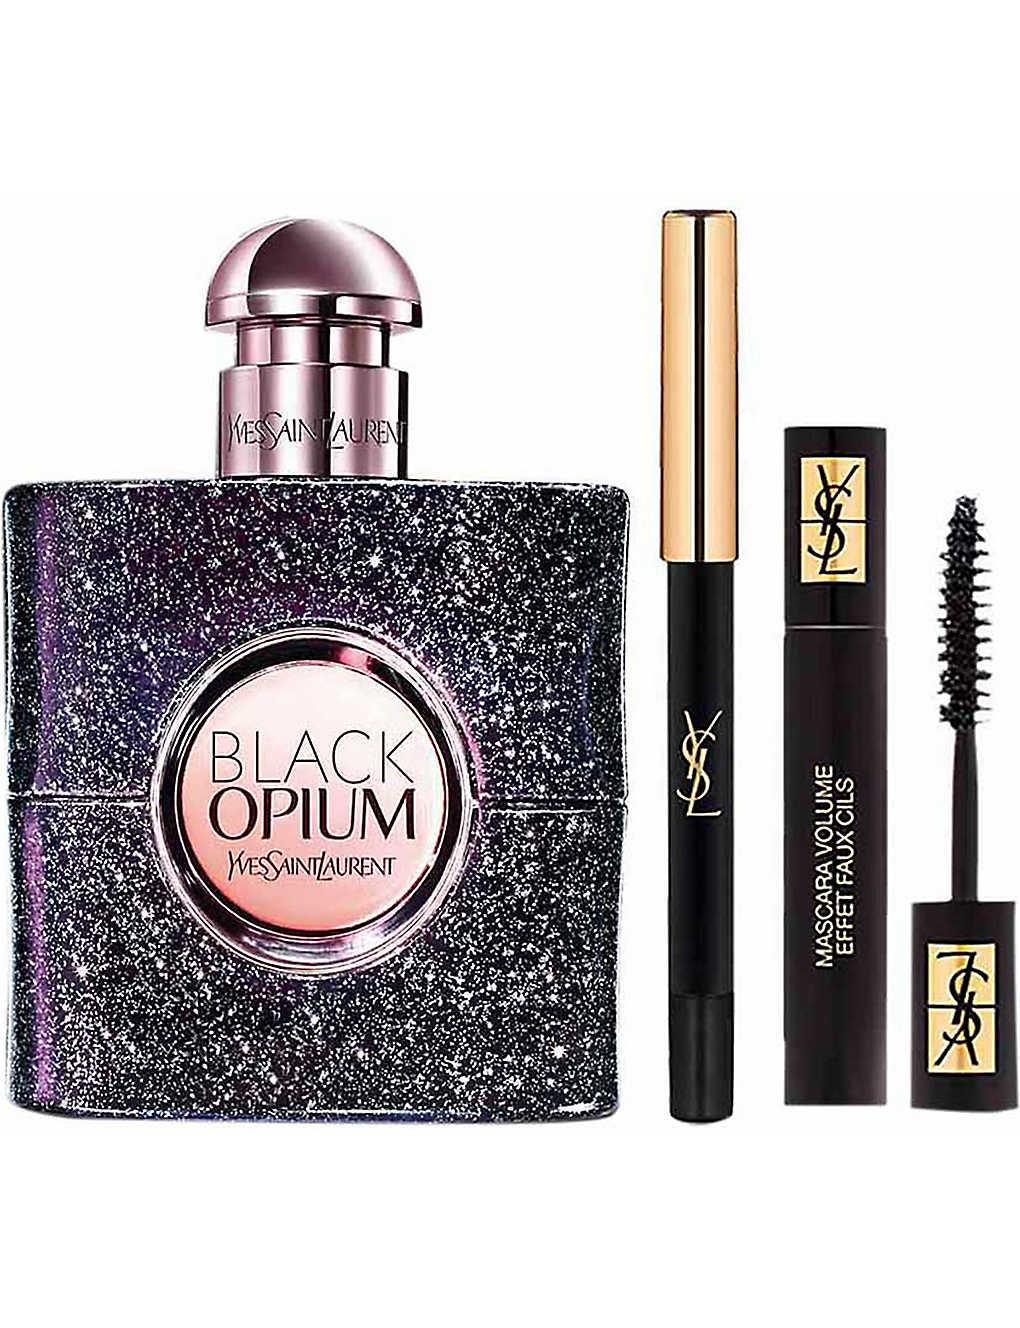 c6b9c3f9f877 YVES SAINT LAURENT Black Opium Nuit Blanche eau de parfum and makeup gift  set